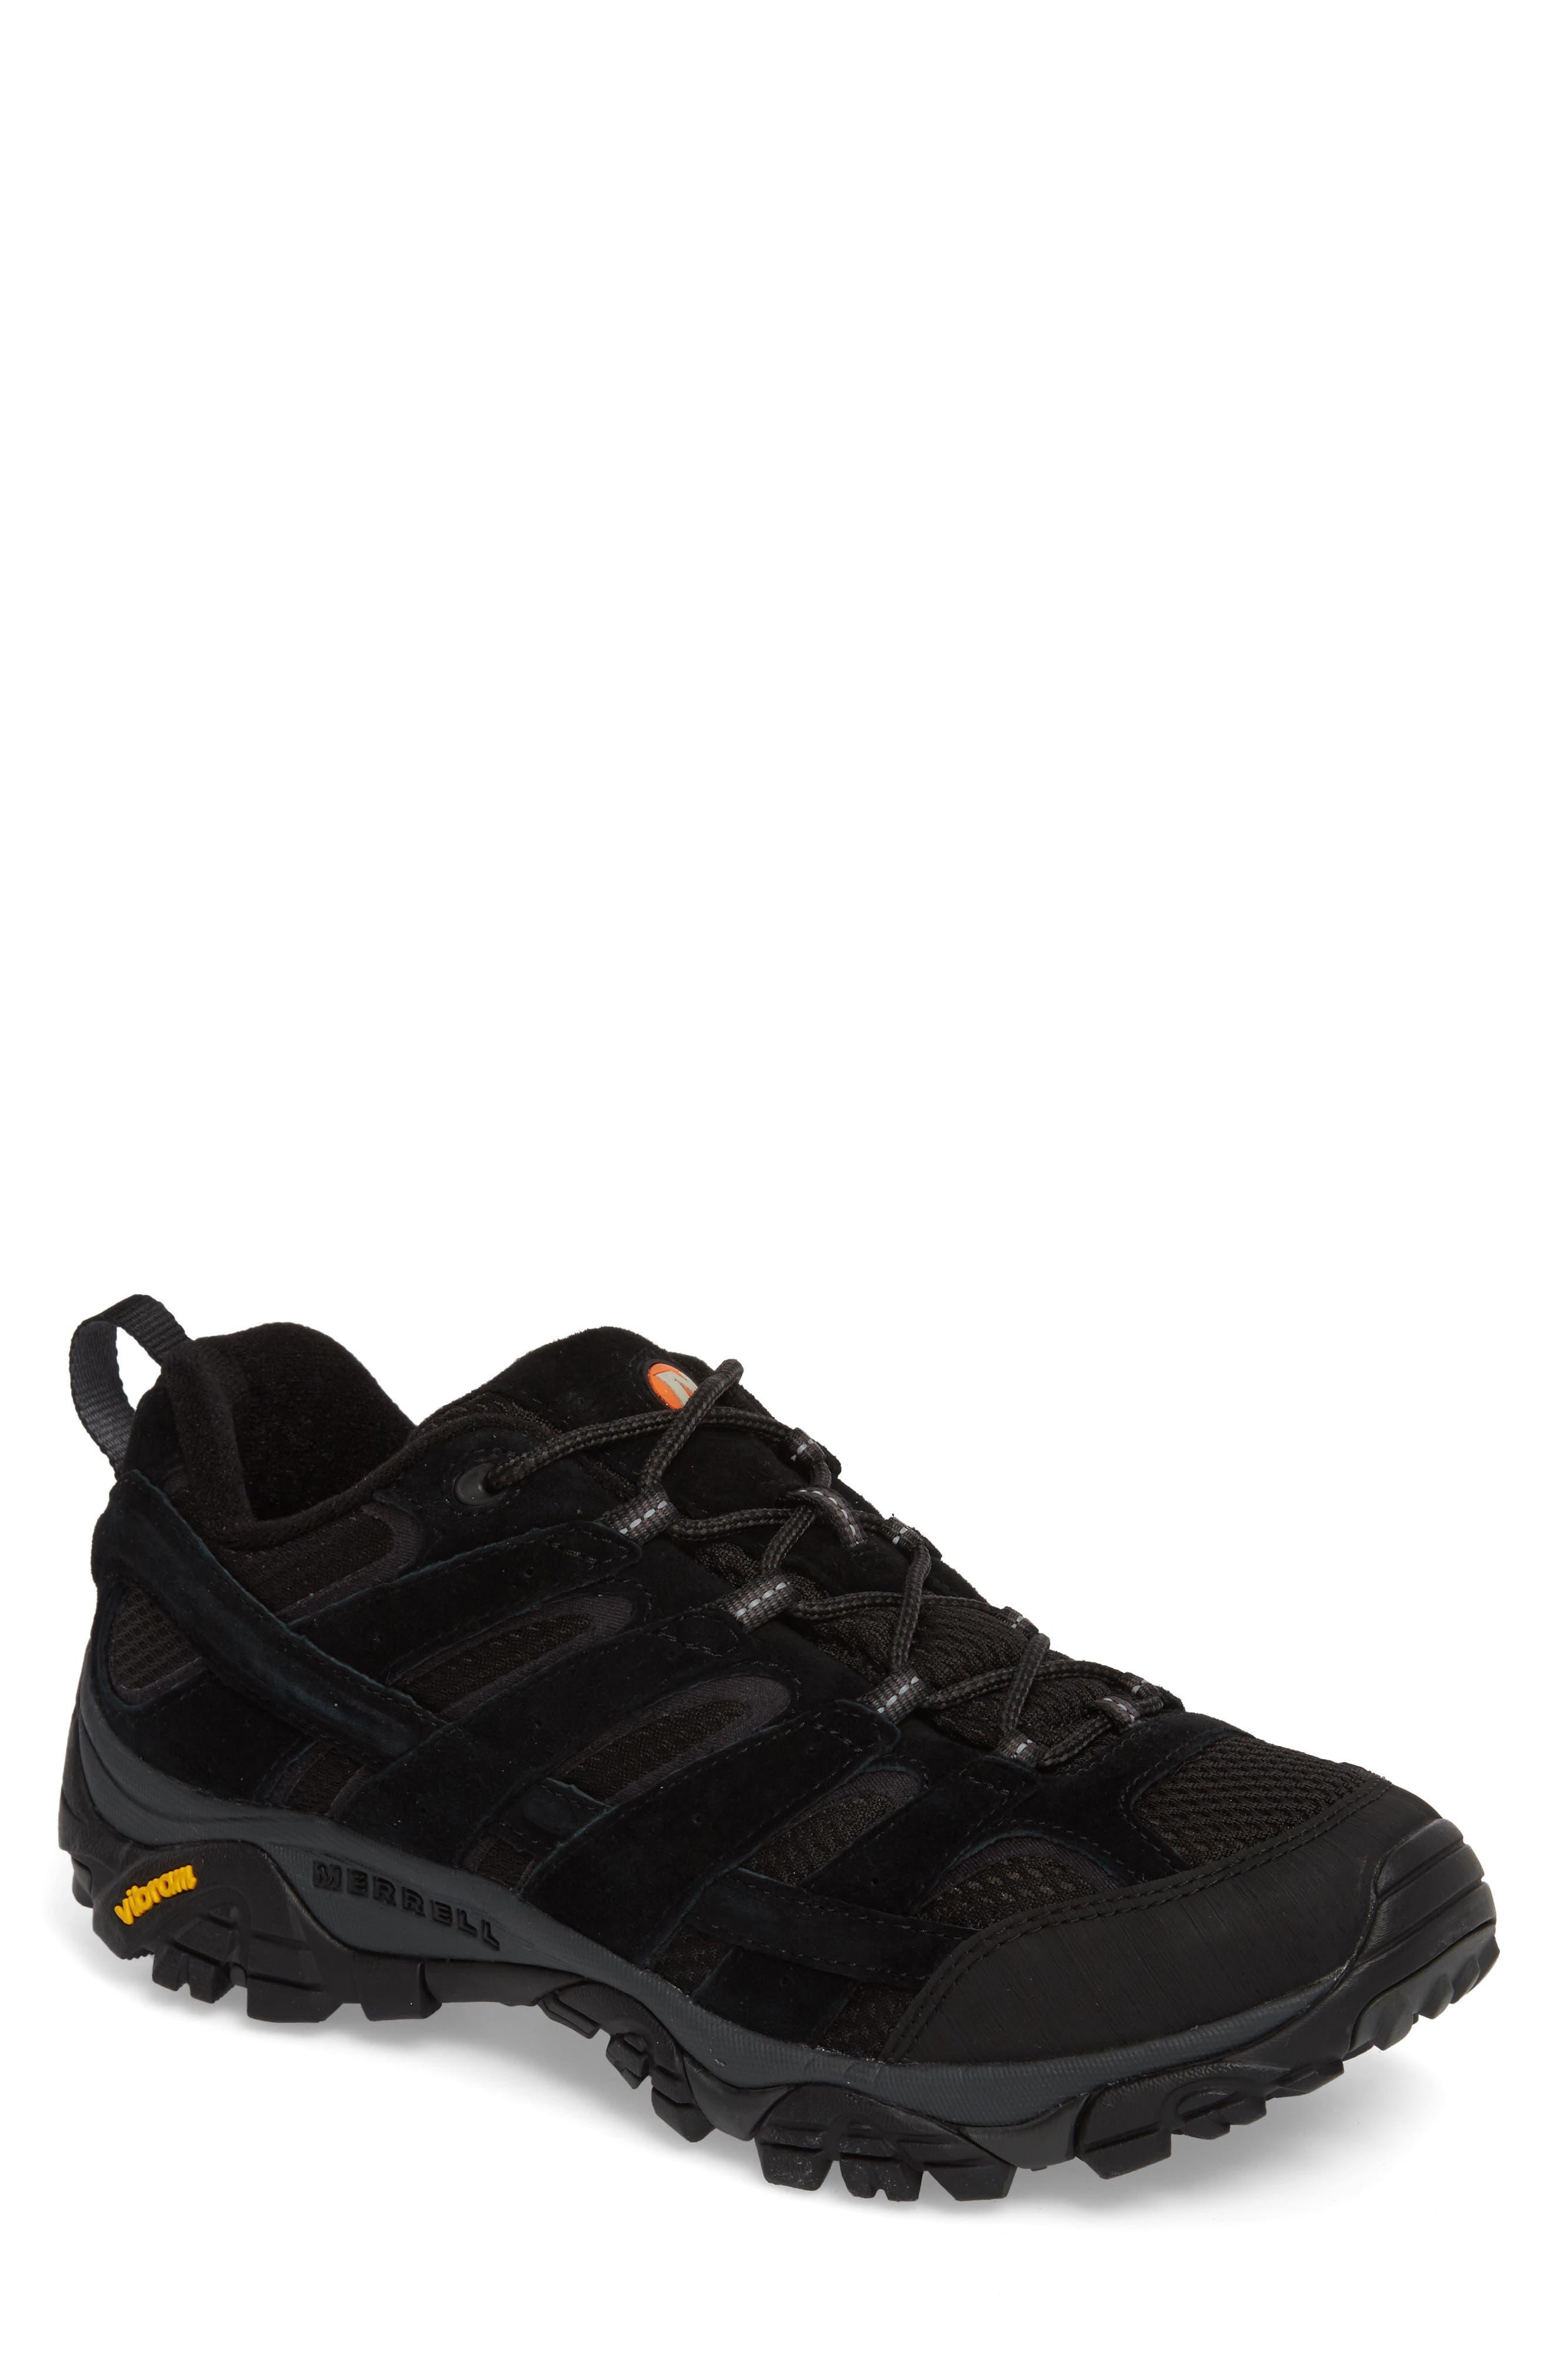 Moab 2 Ventilator Hiking Shoe,                         Main,                         color, BLACK NIGHT